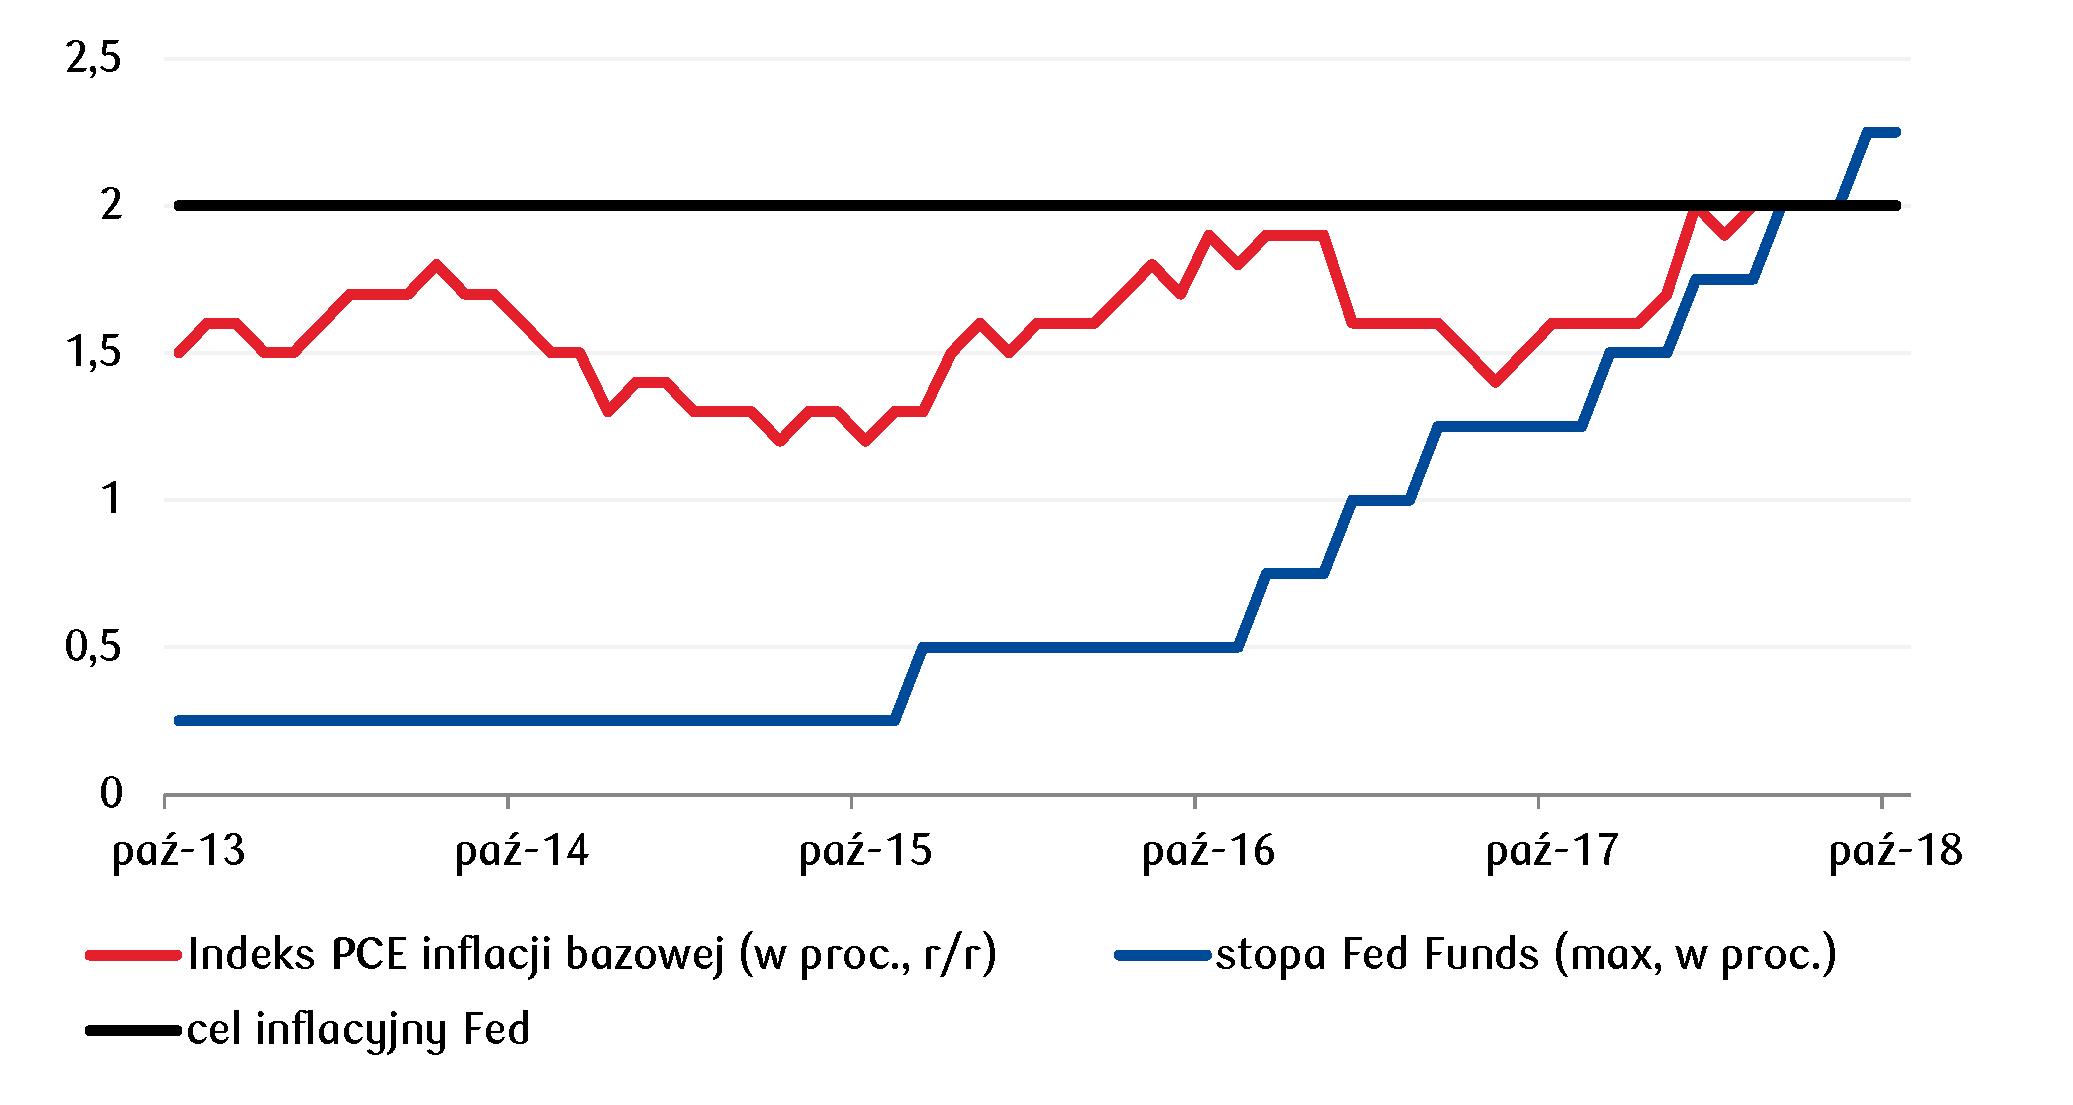 Stabilizacja inflacji bazowej PCE w okolicy celu Fed-u wspiera kontynuację podwyżek stóp procentowych w USA